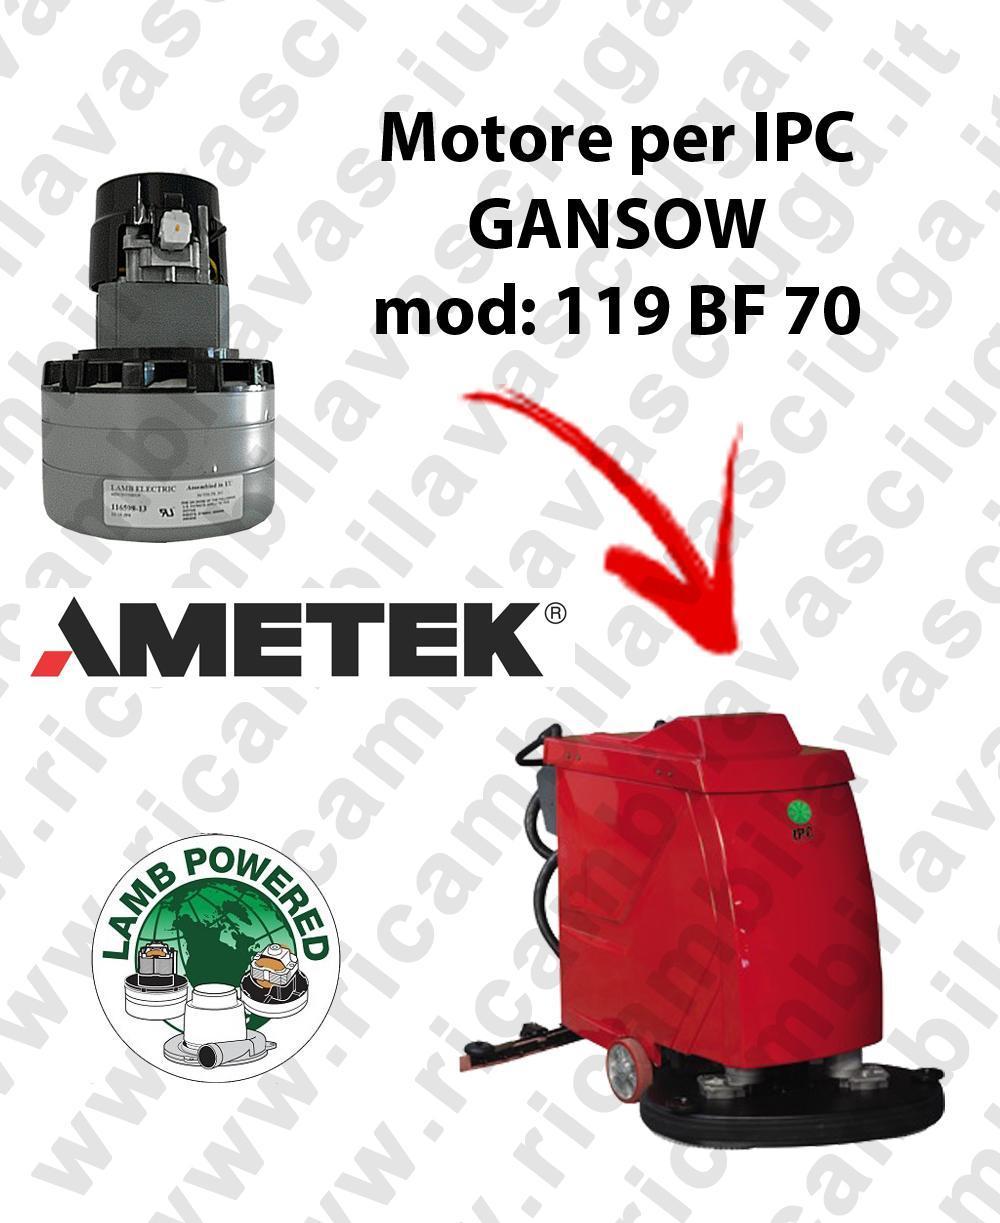 119 BF 70 MOTEUR ASPIRATION LAMB AMATEK pour autolaveuses IPC GANSOW